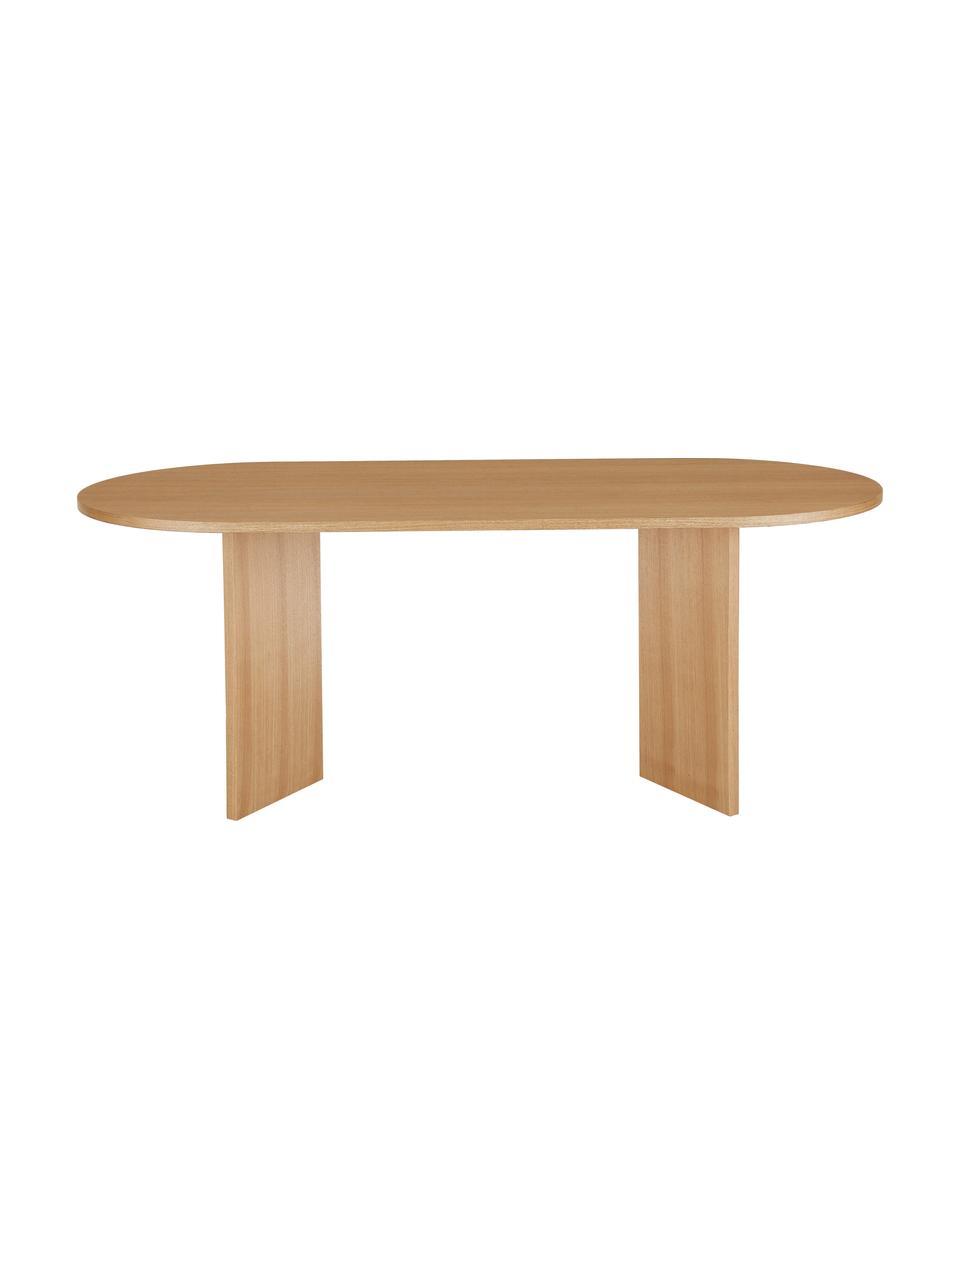 Ovaler Esstisch Toni mit Eschenholzfurnier, Mitteldichte Holzfaserplatte (MDF) mit Eschenholzfurnier, lackiert, Eschenholzfurnier, B 200 x T 90 cm